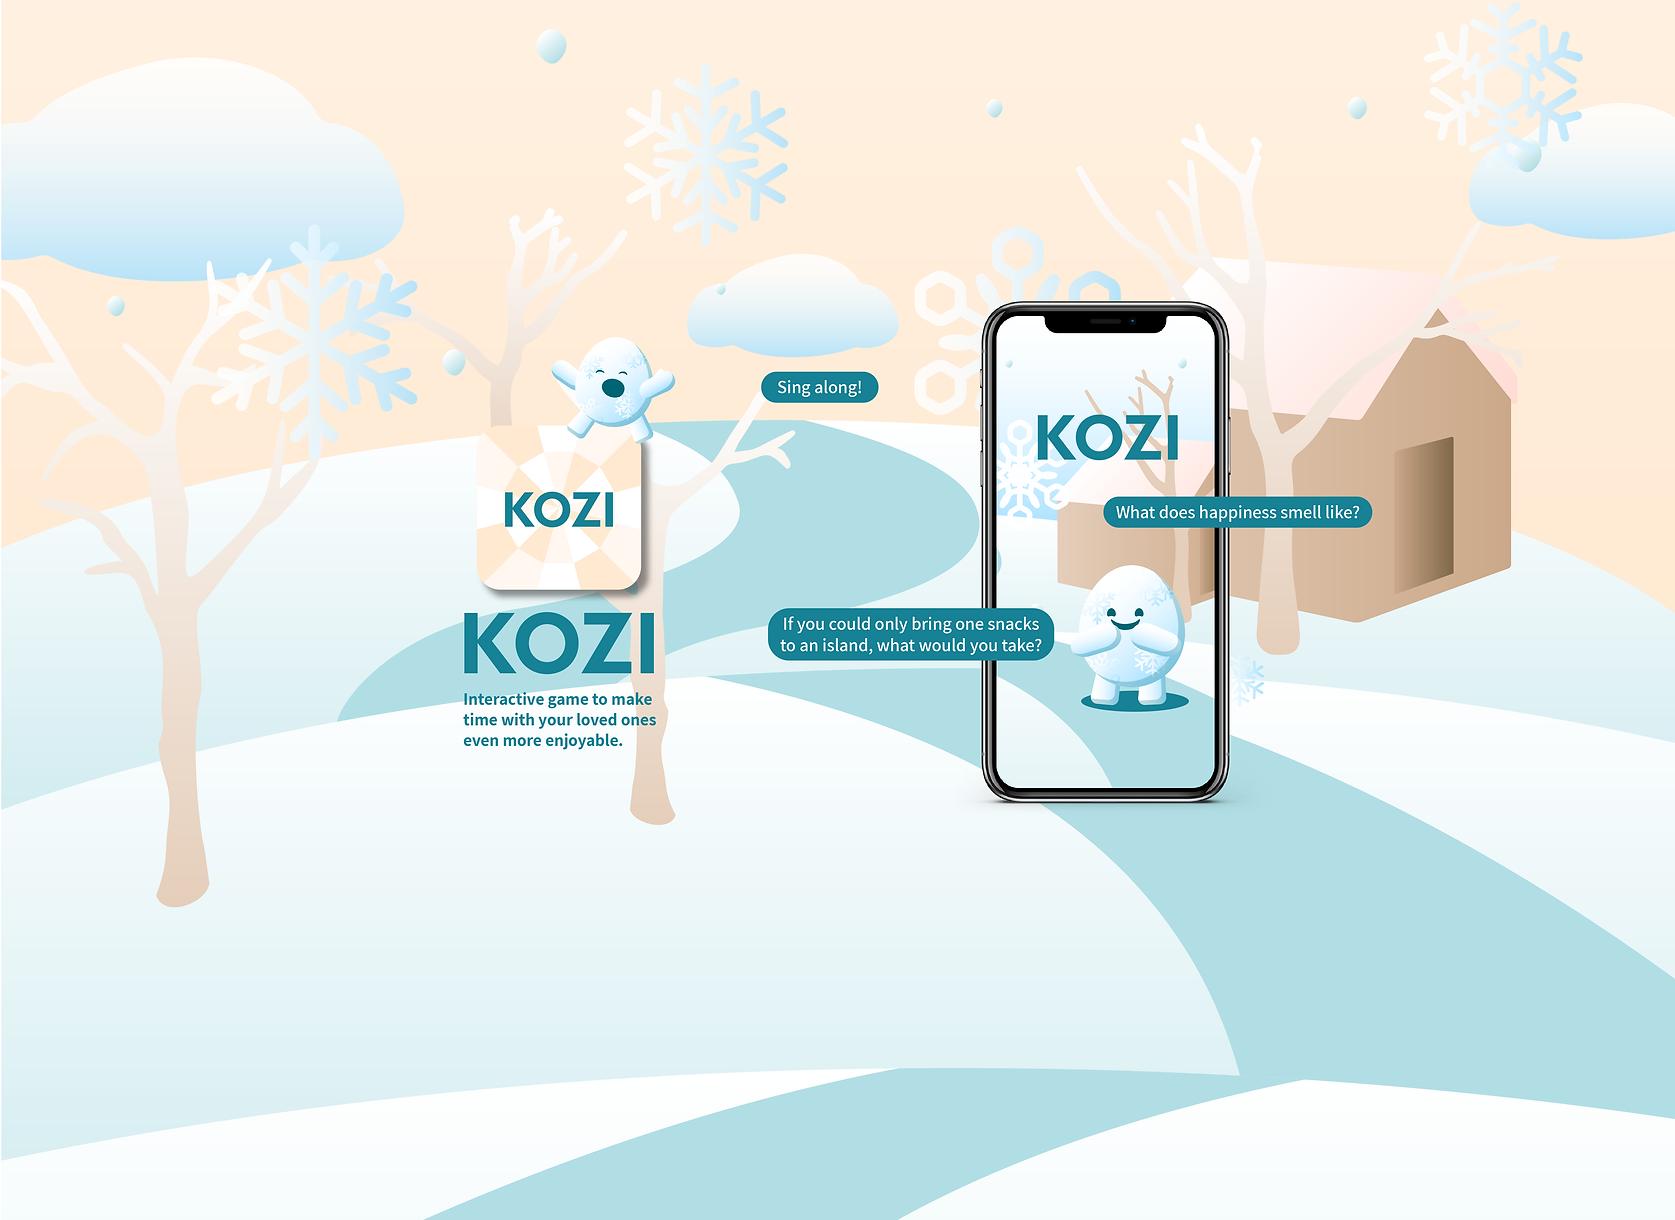 KOZI_15.png